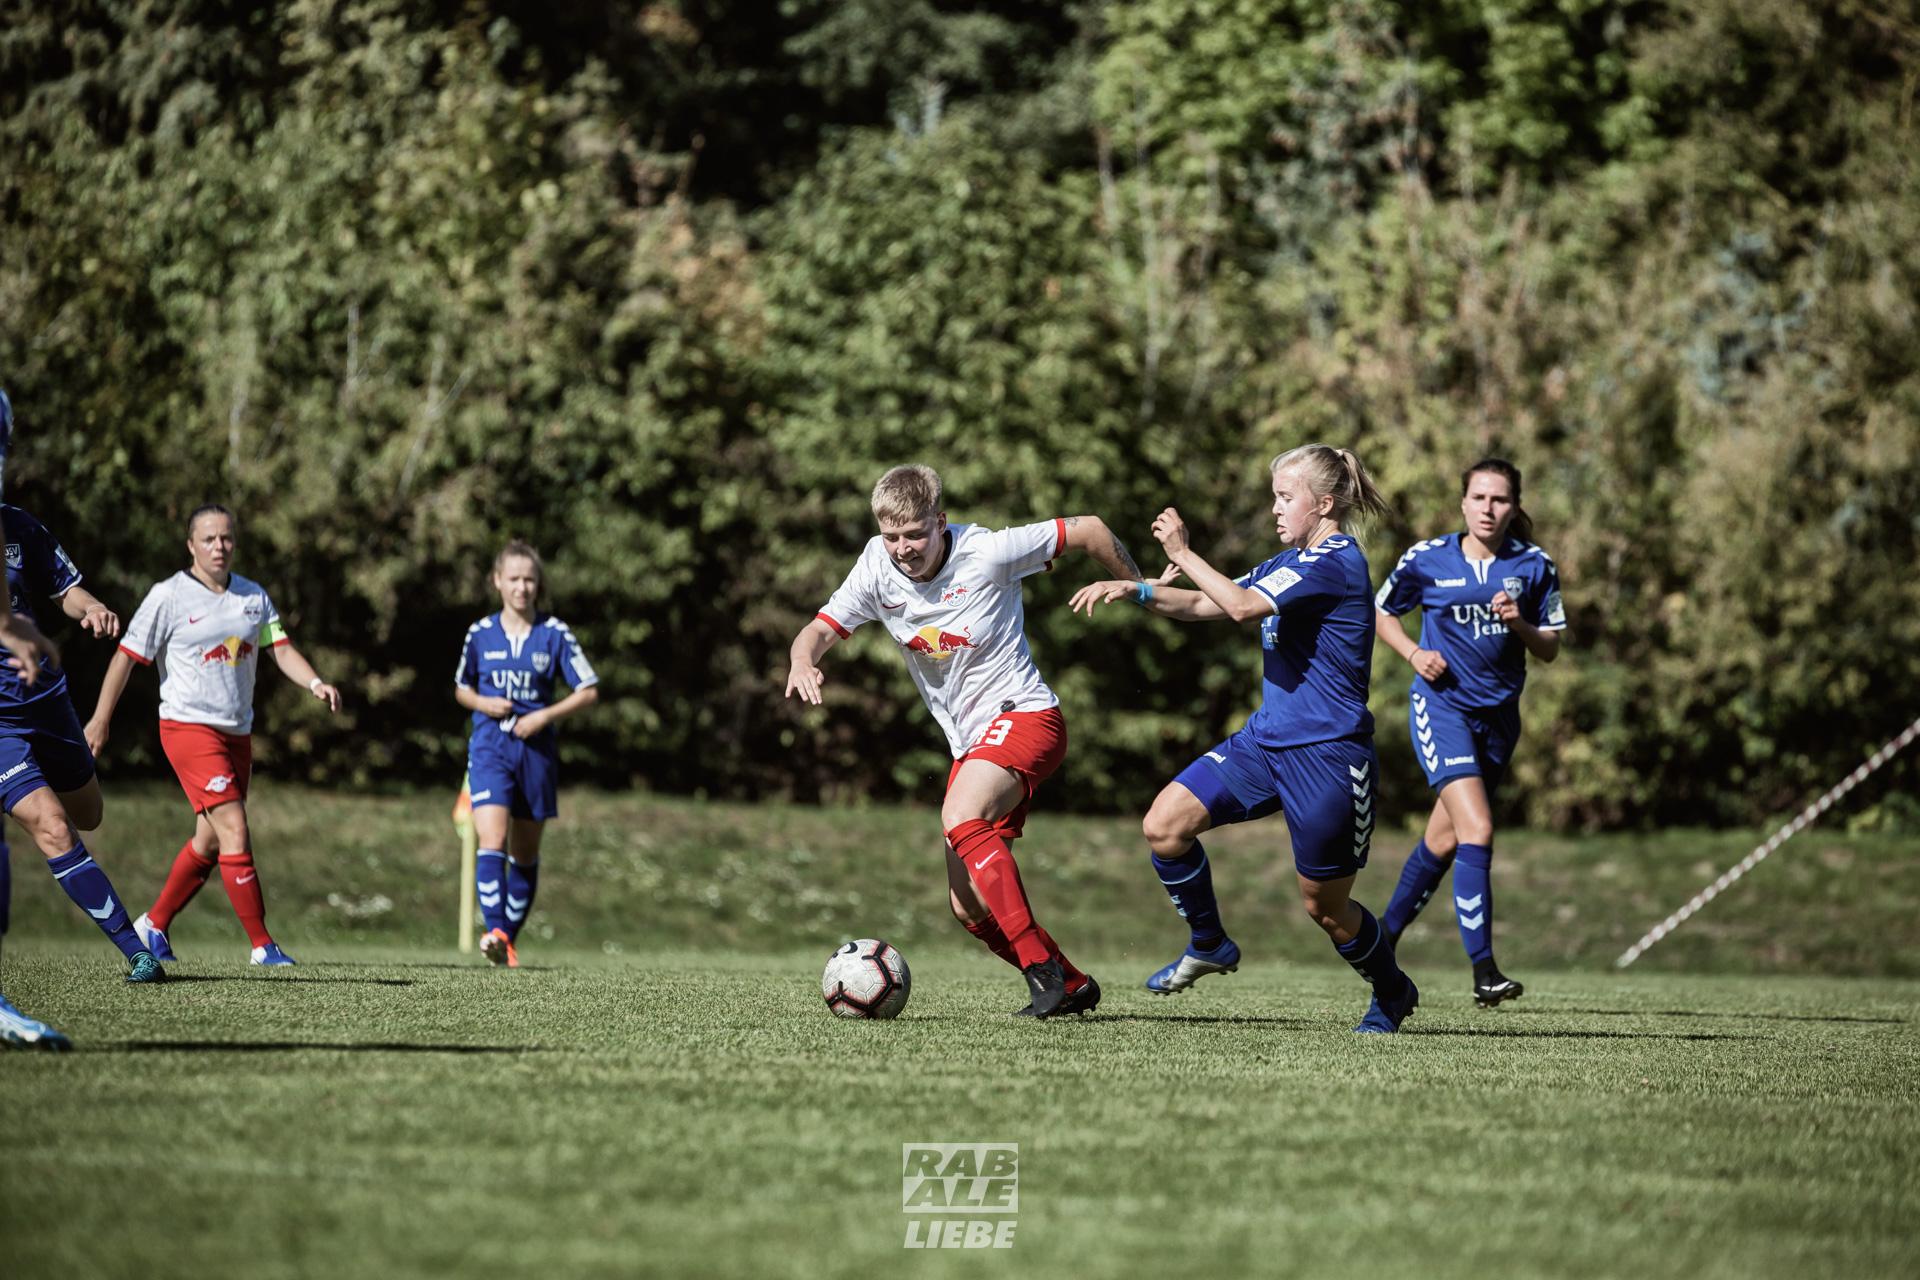 Regionalliga Nordost Frauen: RB Leipzig -vs- FF USV Jena II